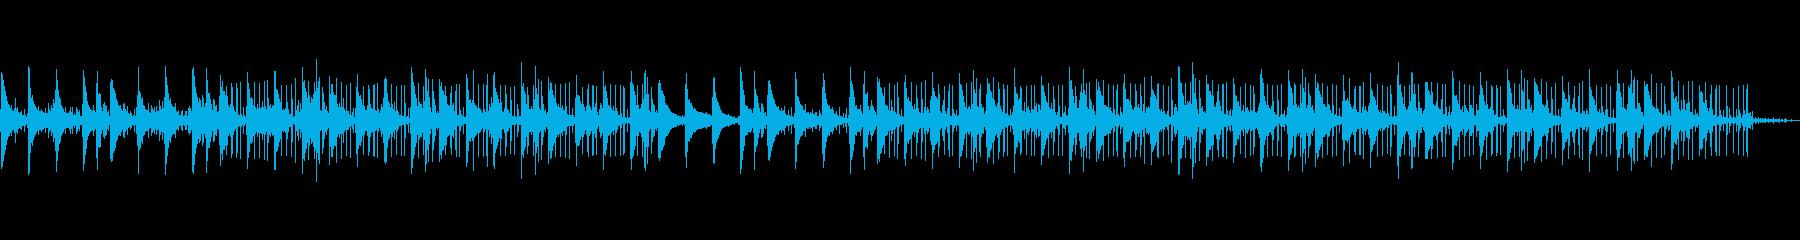 ジャズテイスト・Lo-fi・チル・雨音の再生済みの波形